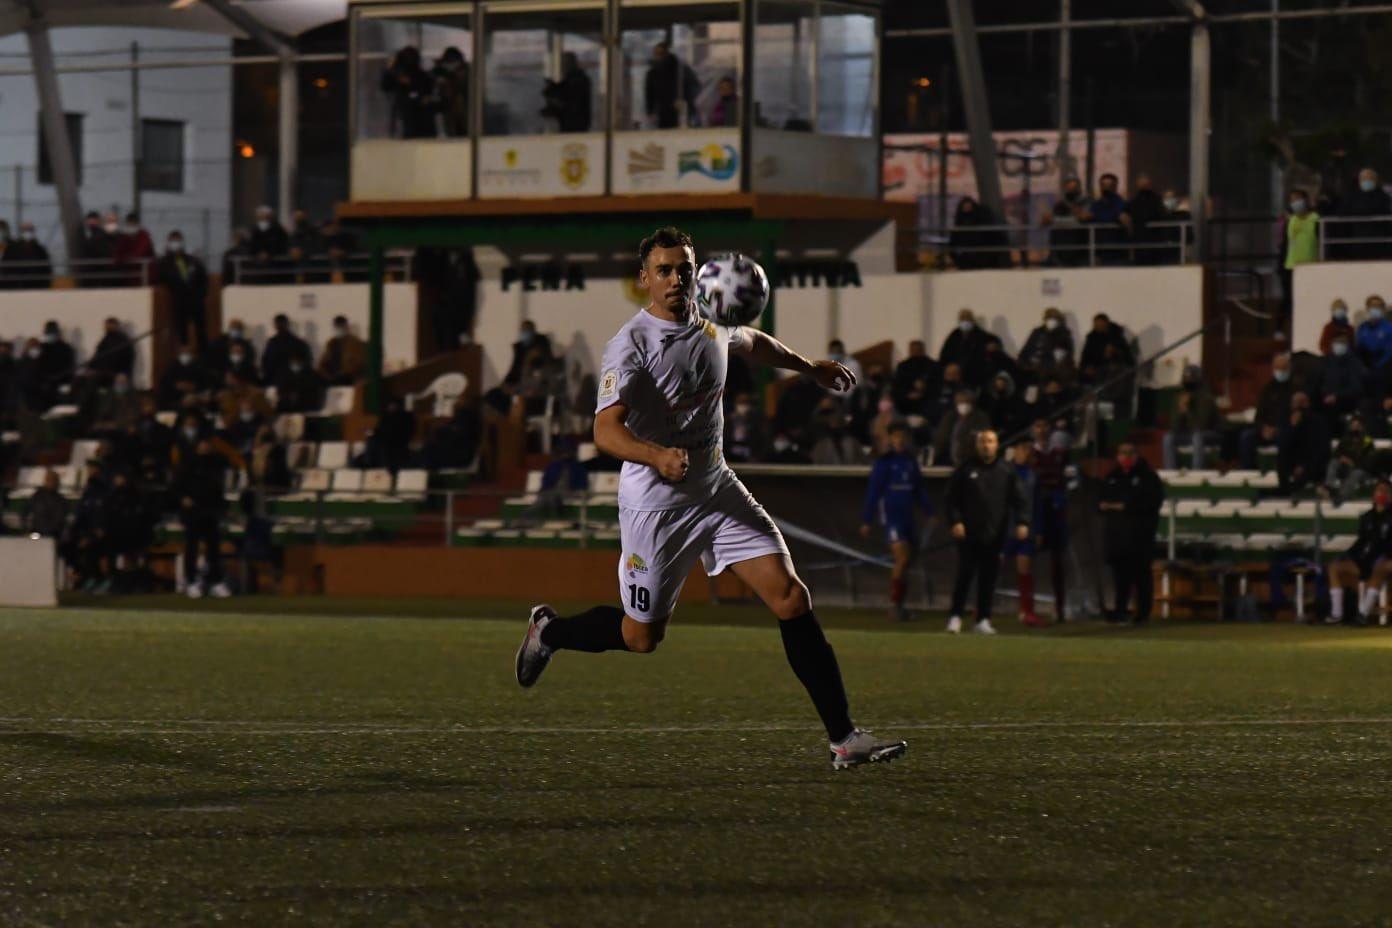 Copa del Rey News - Football Espana